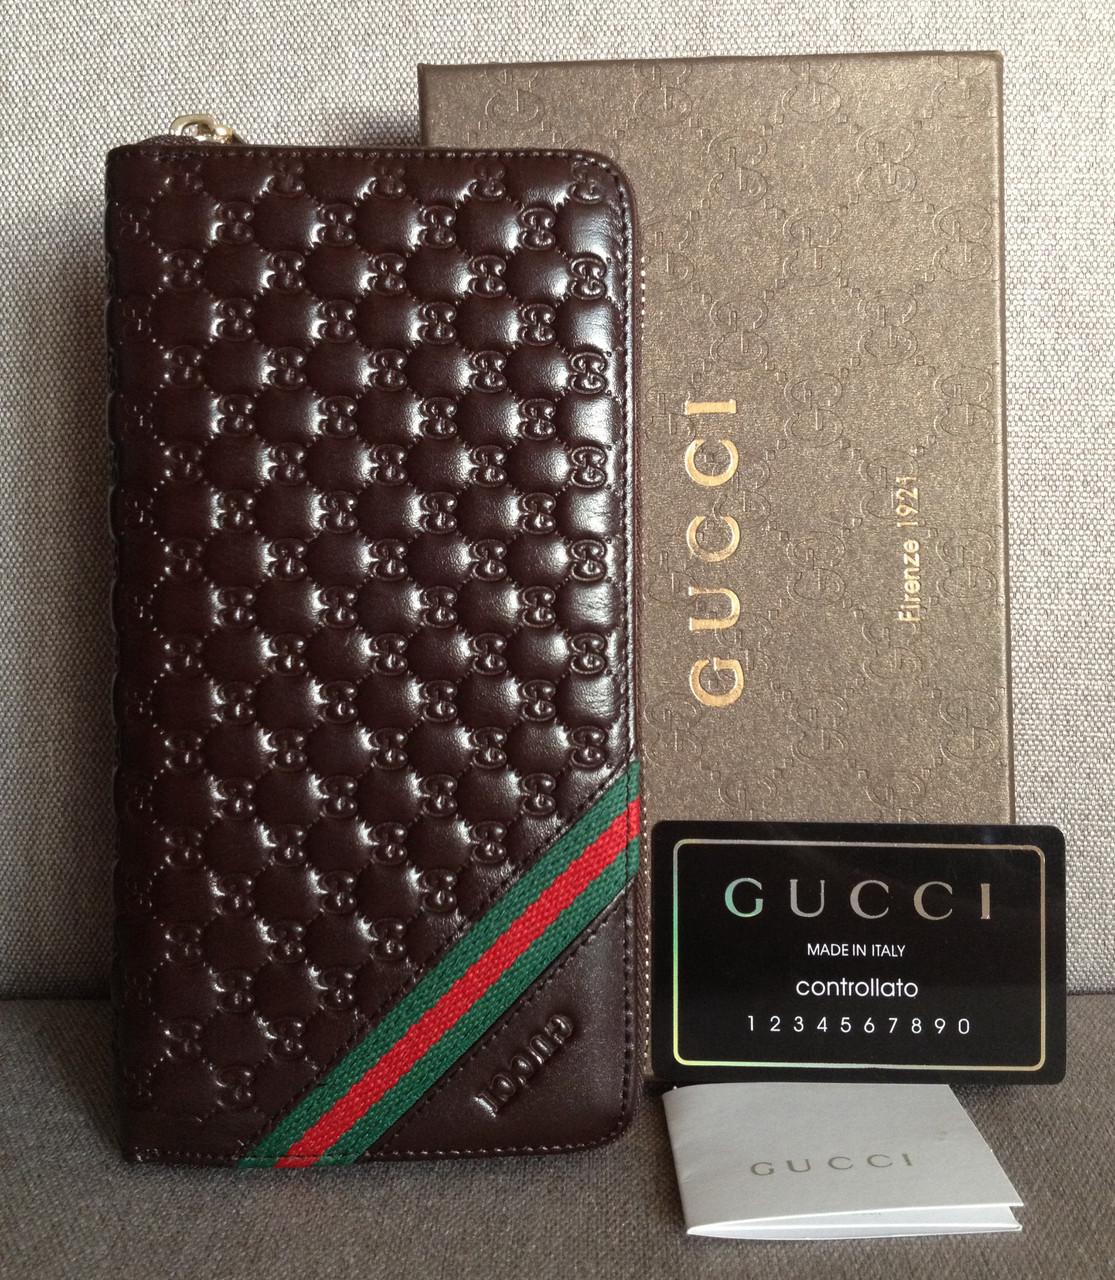 Женский кошелек Gucci (138028) коричневый цвет - shokeru.in.ua интернет-магазин в Киеве